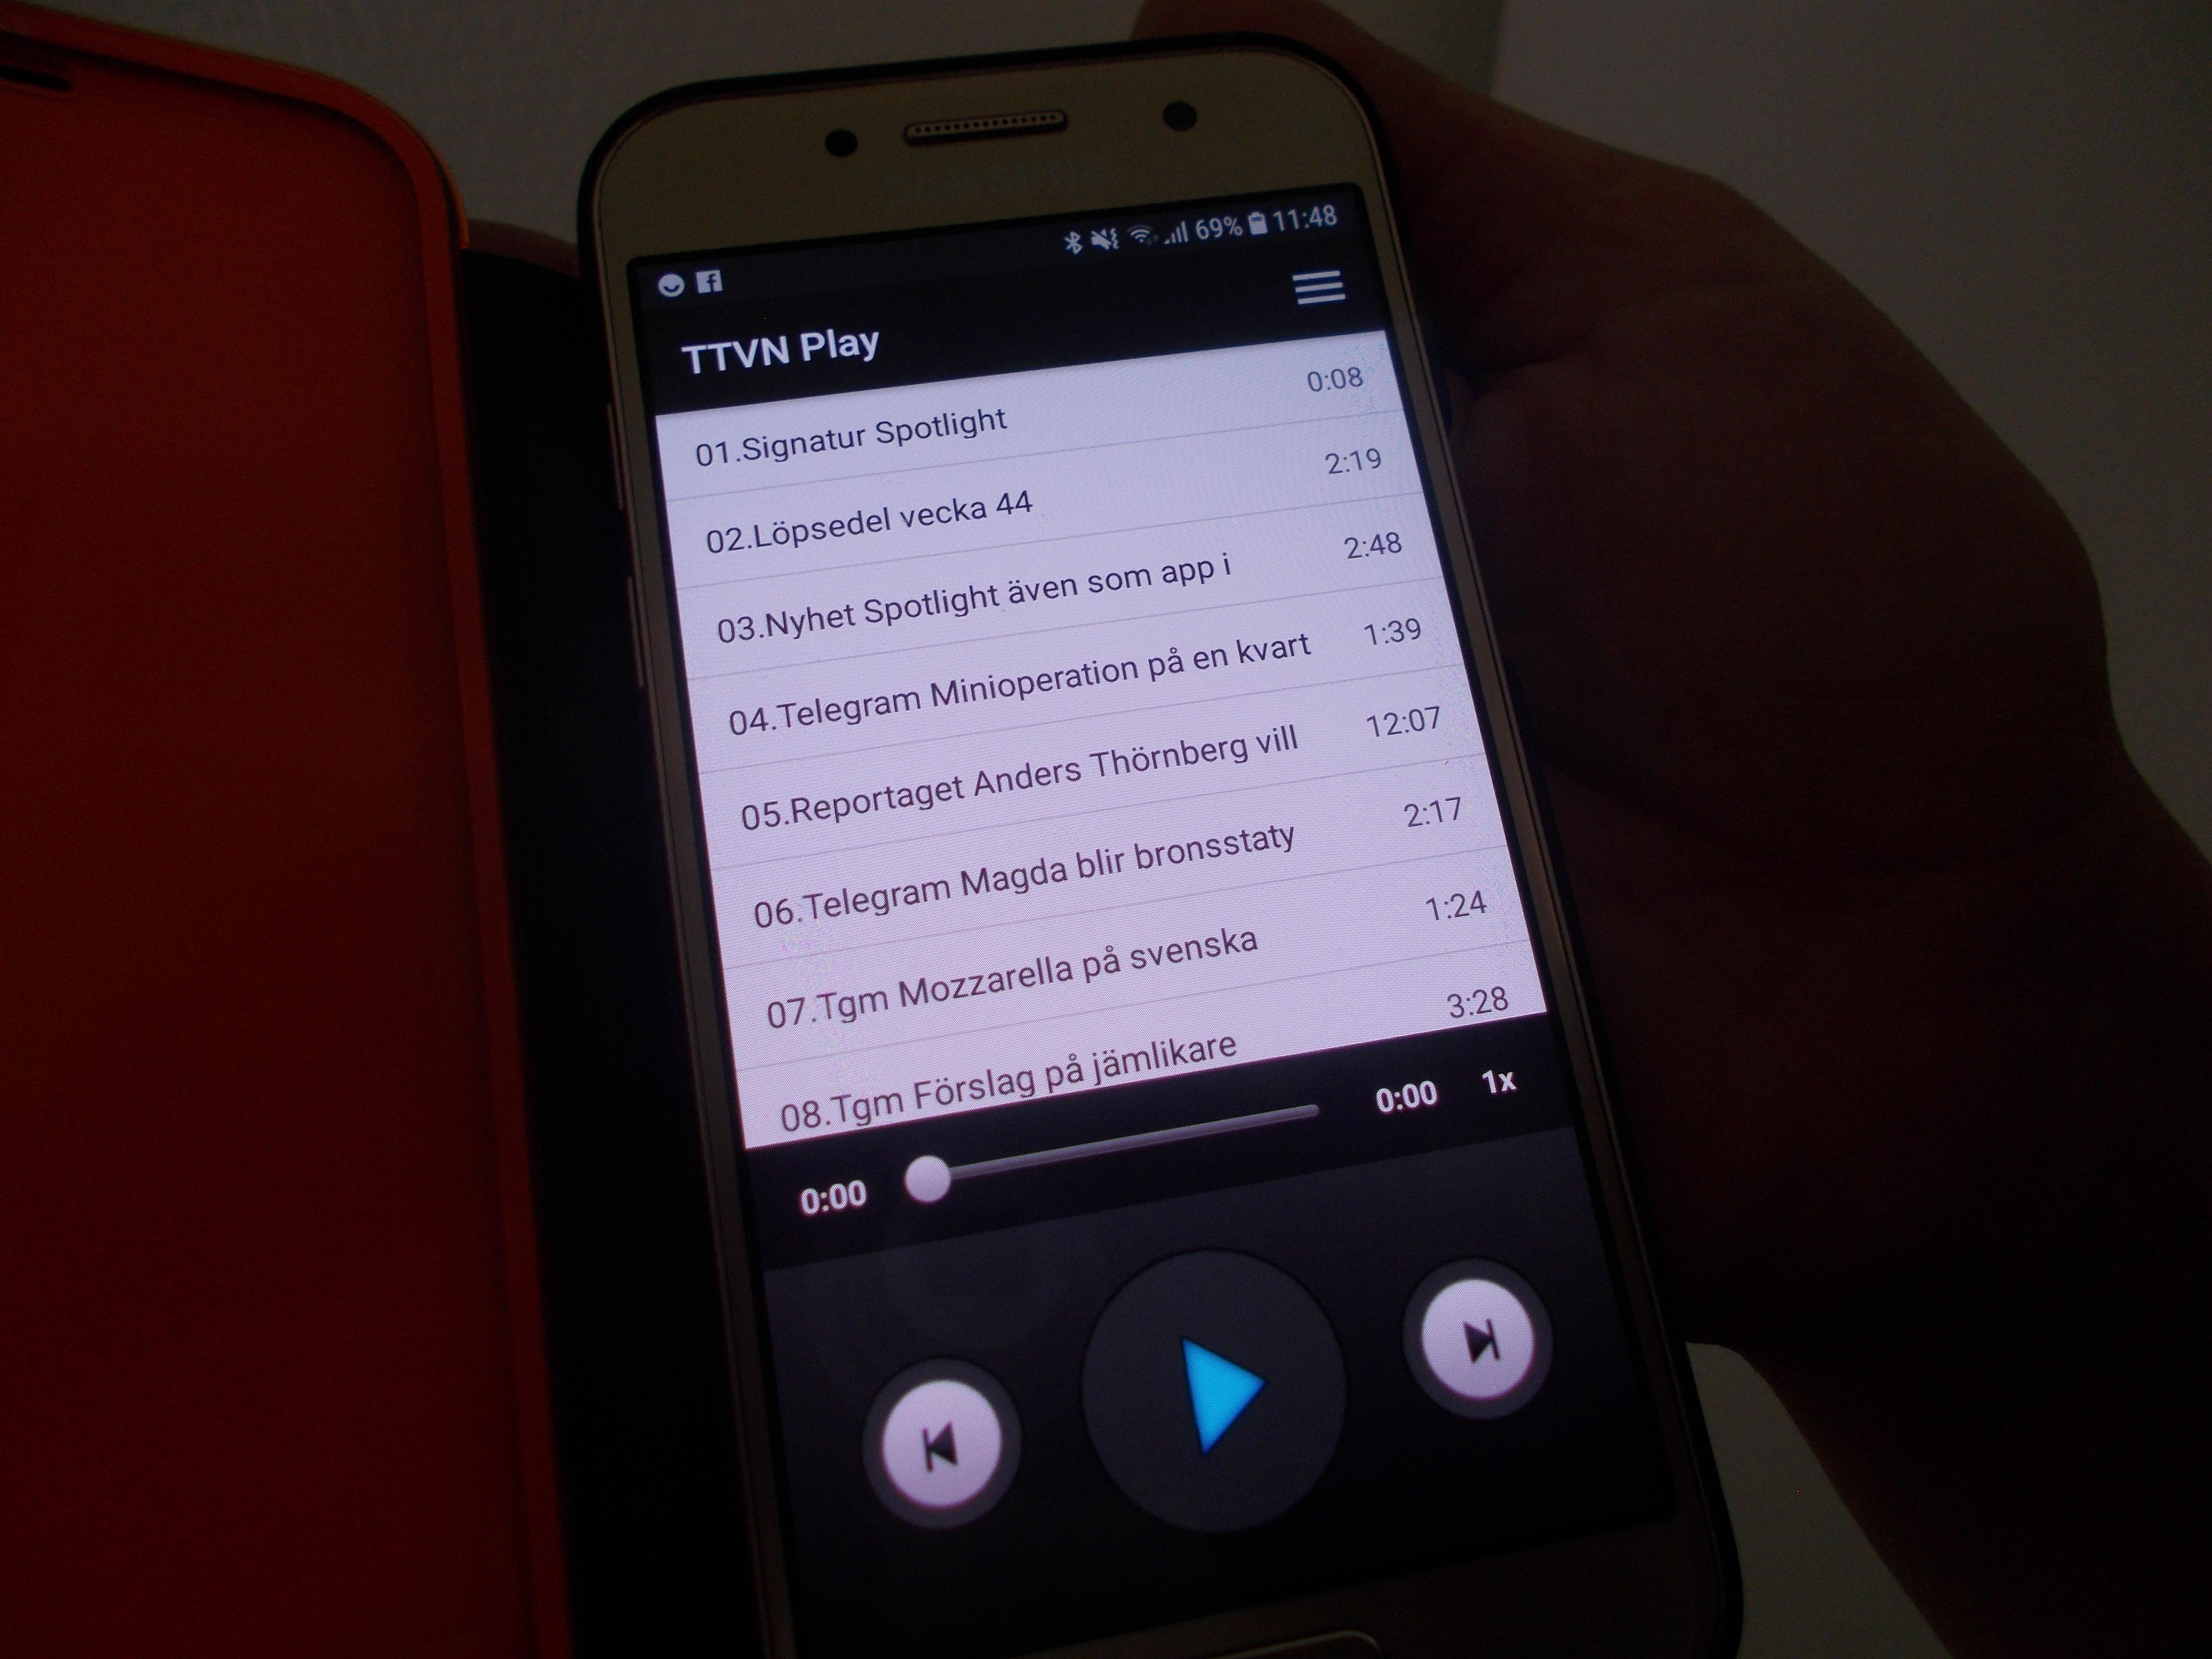 Startsidan på appen syns på displayen på mobiltelefonen